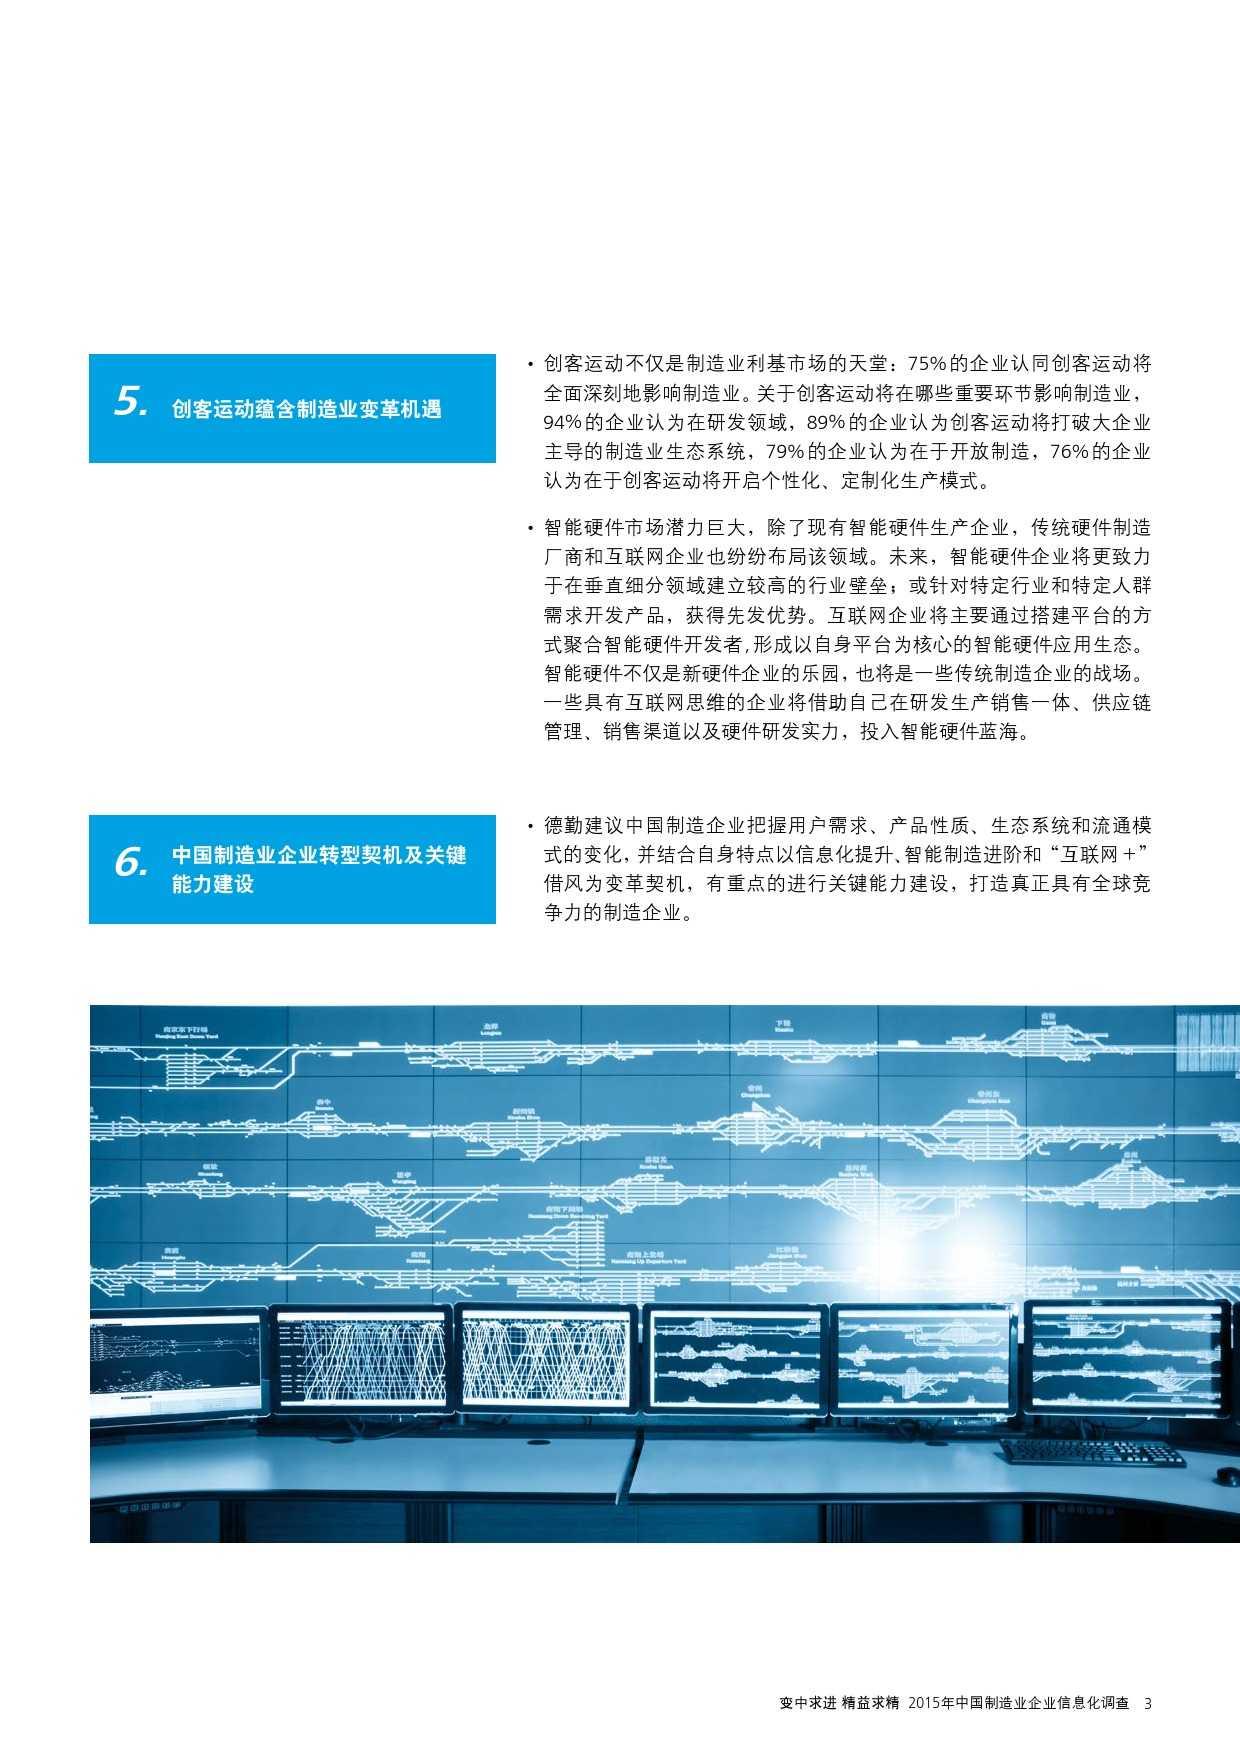 2015年中国制造业企业信息化调查_000005